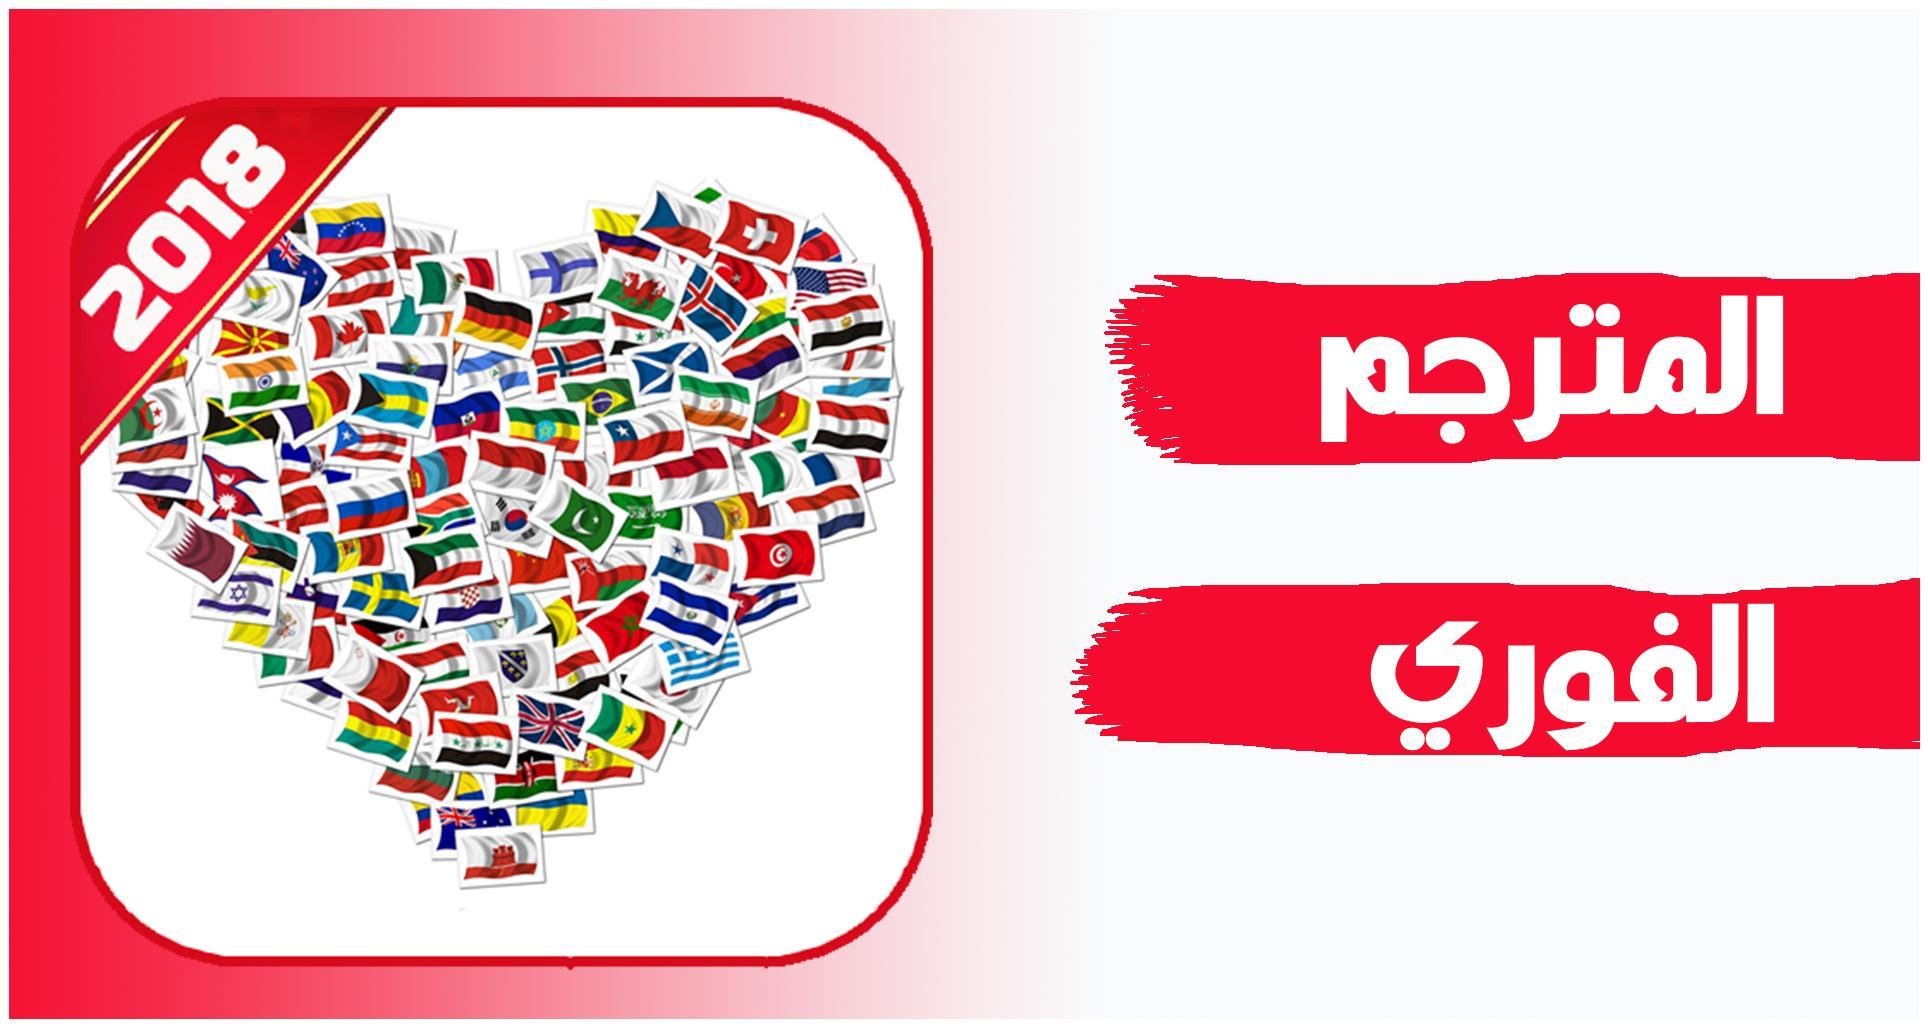 برنامج ترجمة بدون نت للموبايل 2018 For Android Apk Download